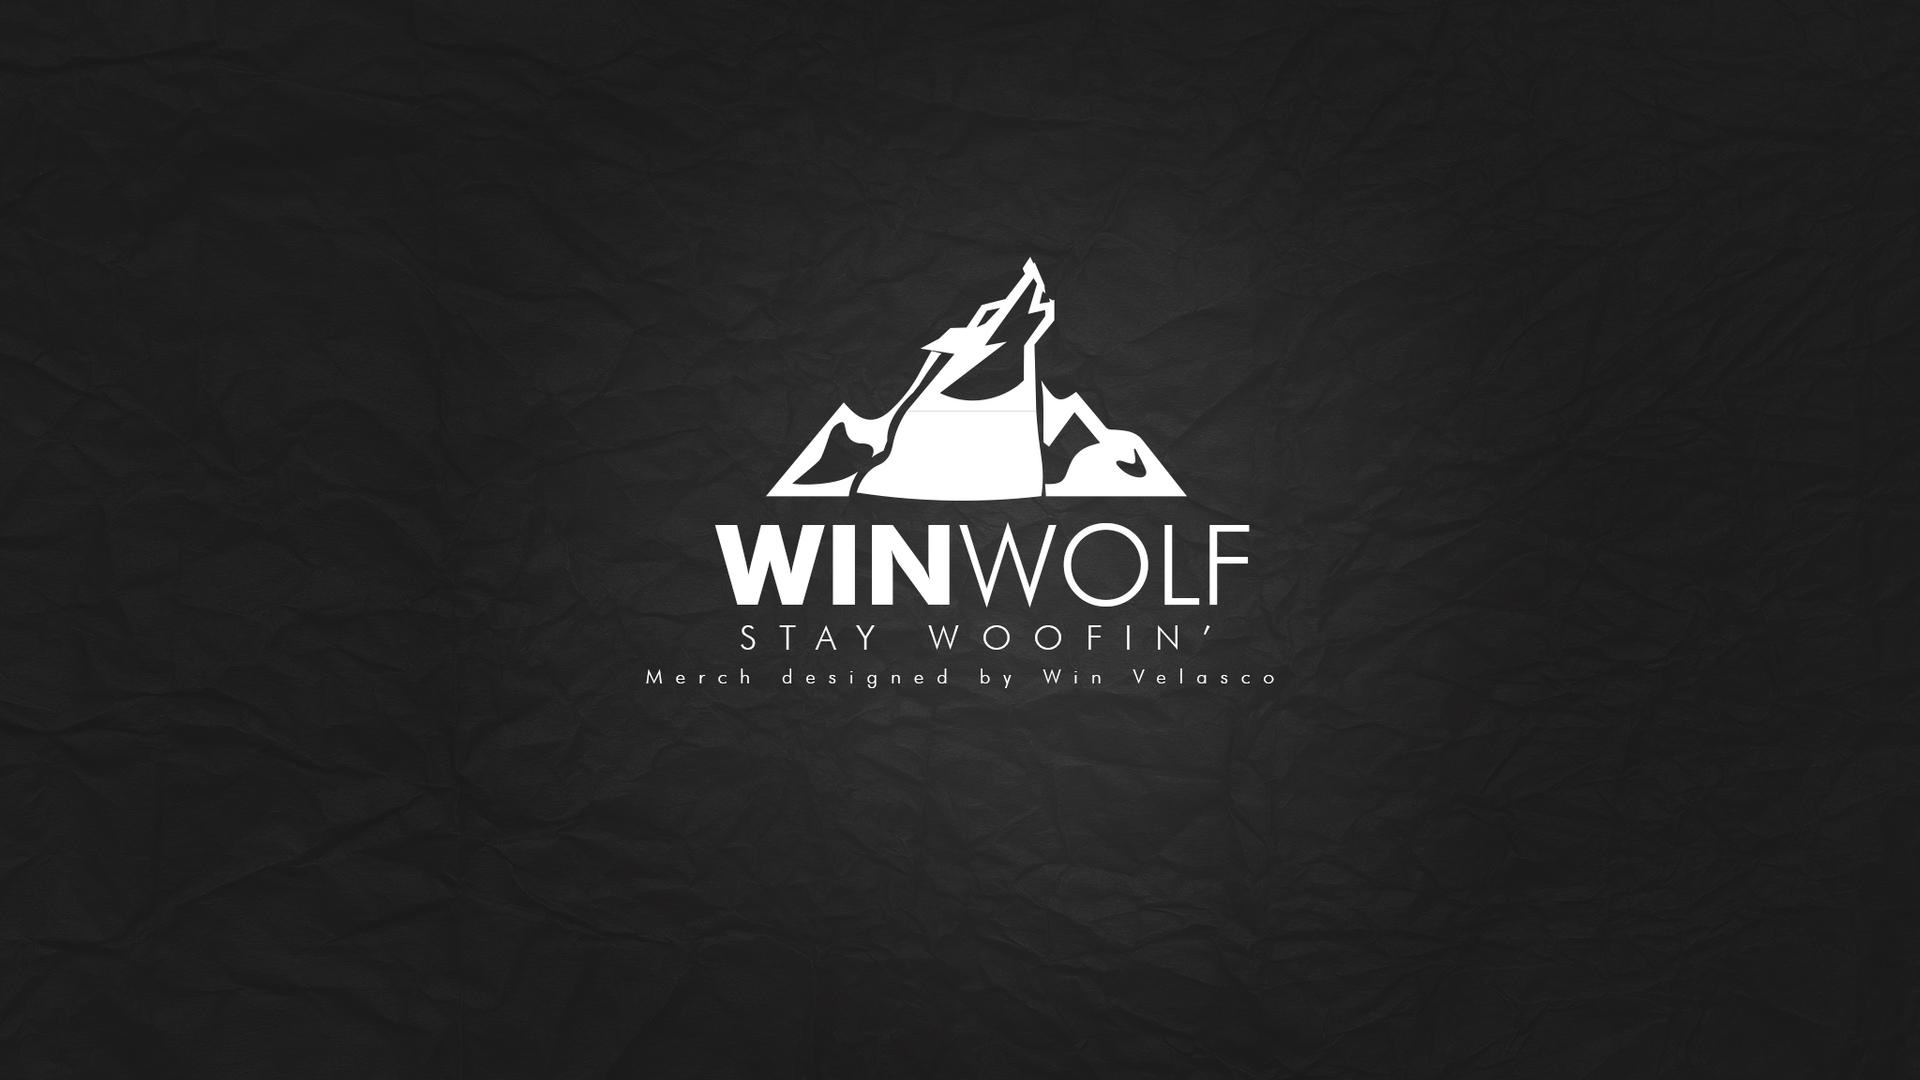 WINWOLF Store